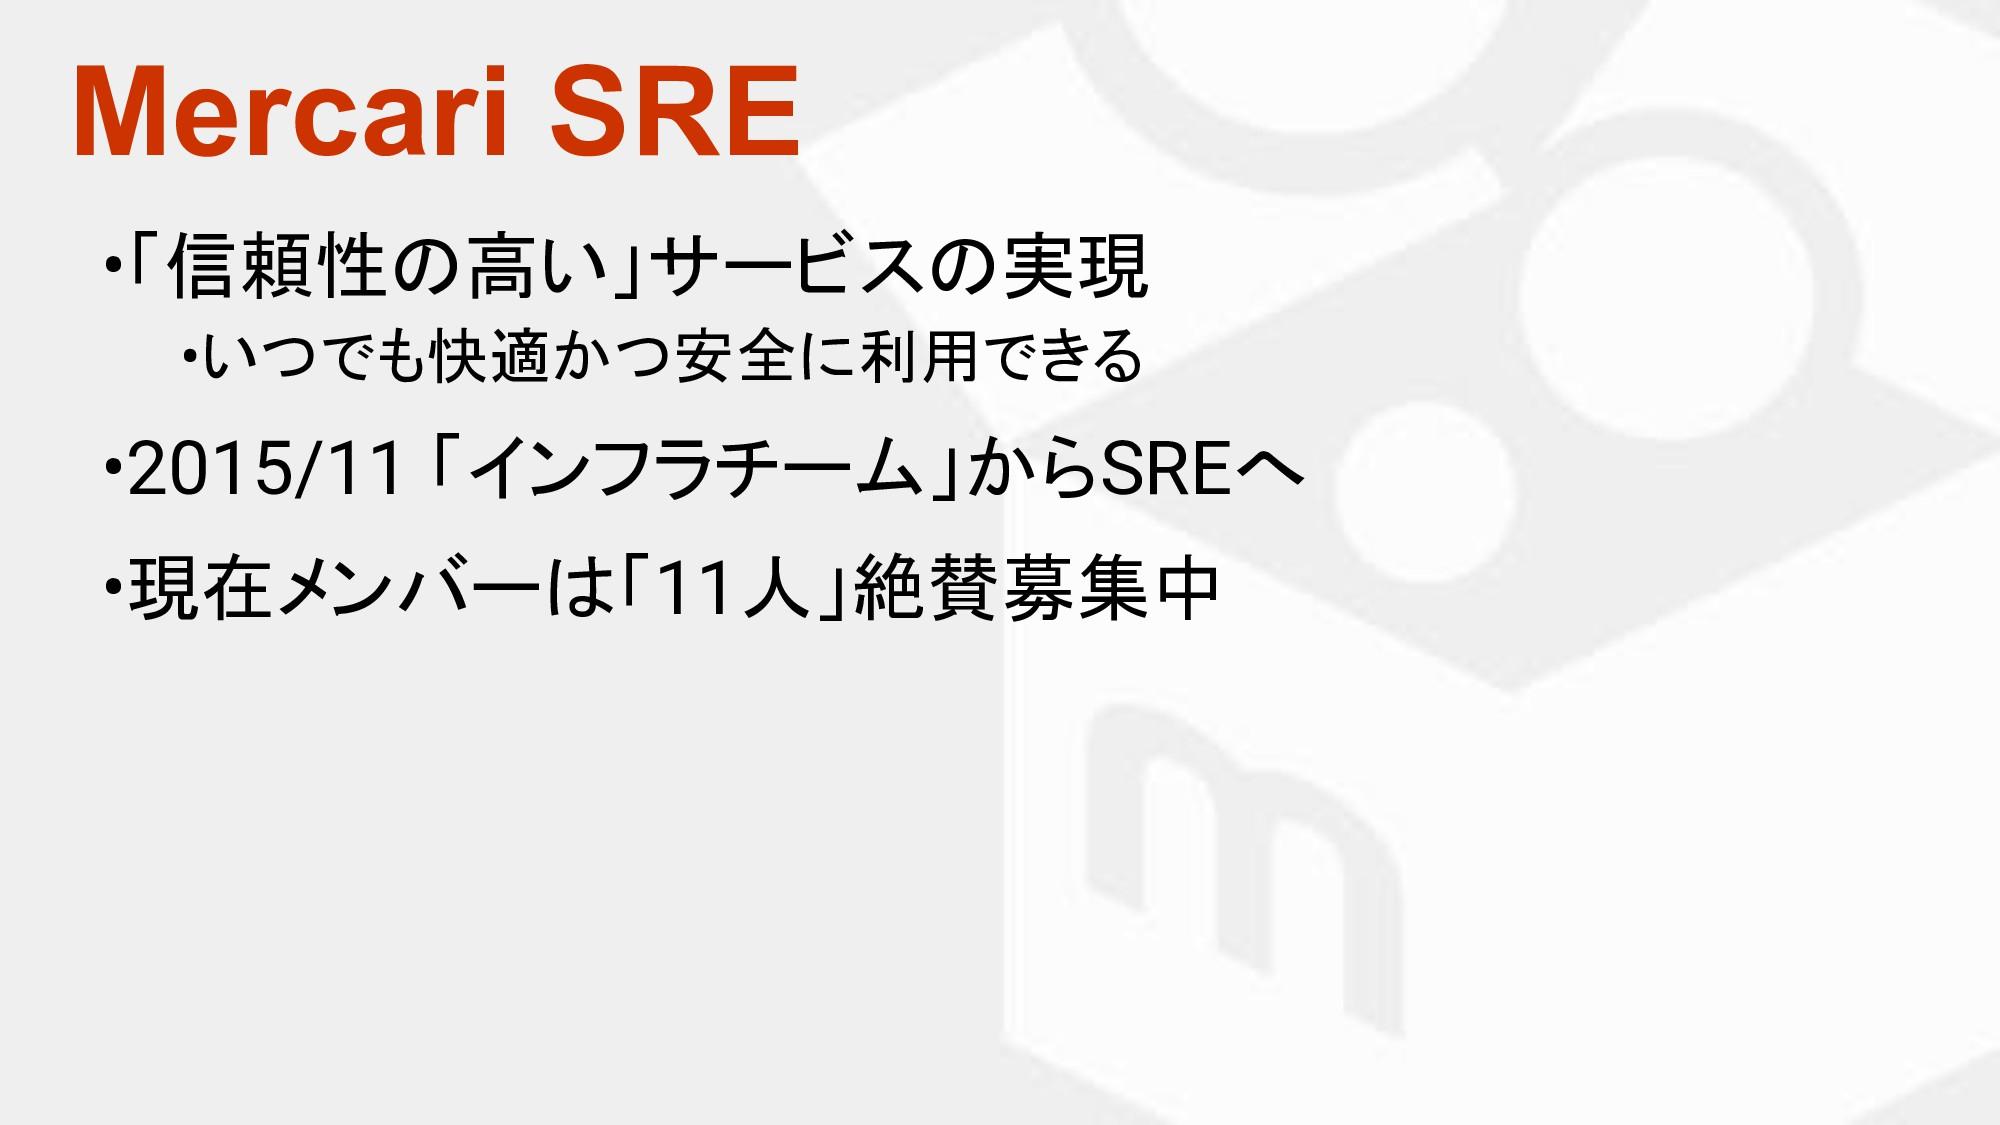 Mercari SRE •「信頼性 高い」サービス 実現 •いつでも快適かつ安全に利用できる ...